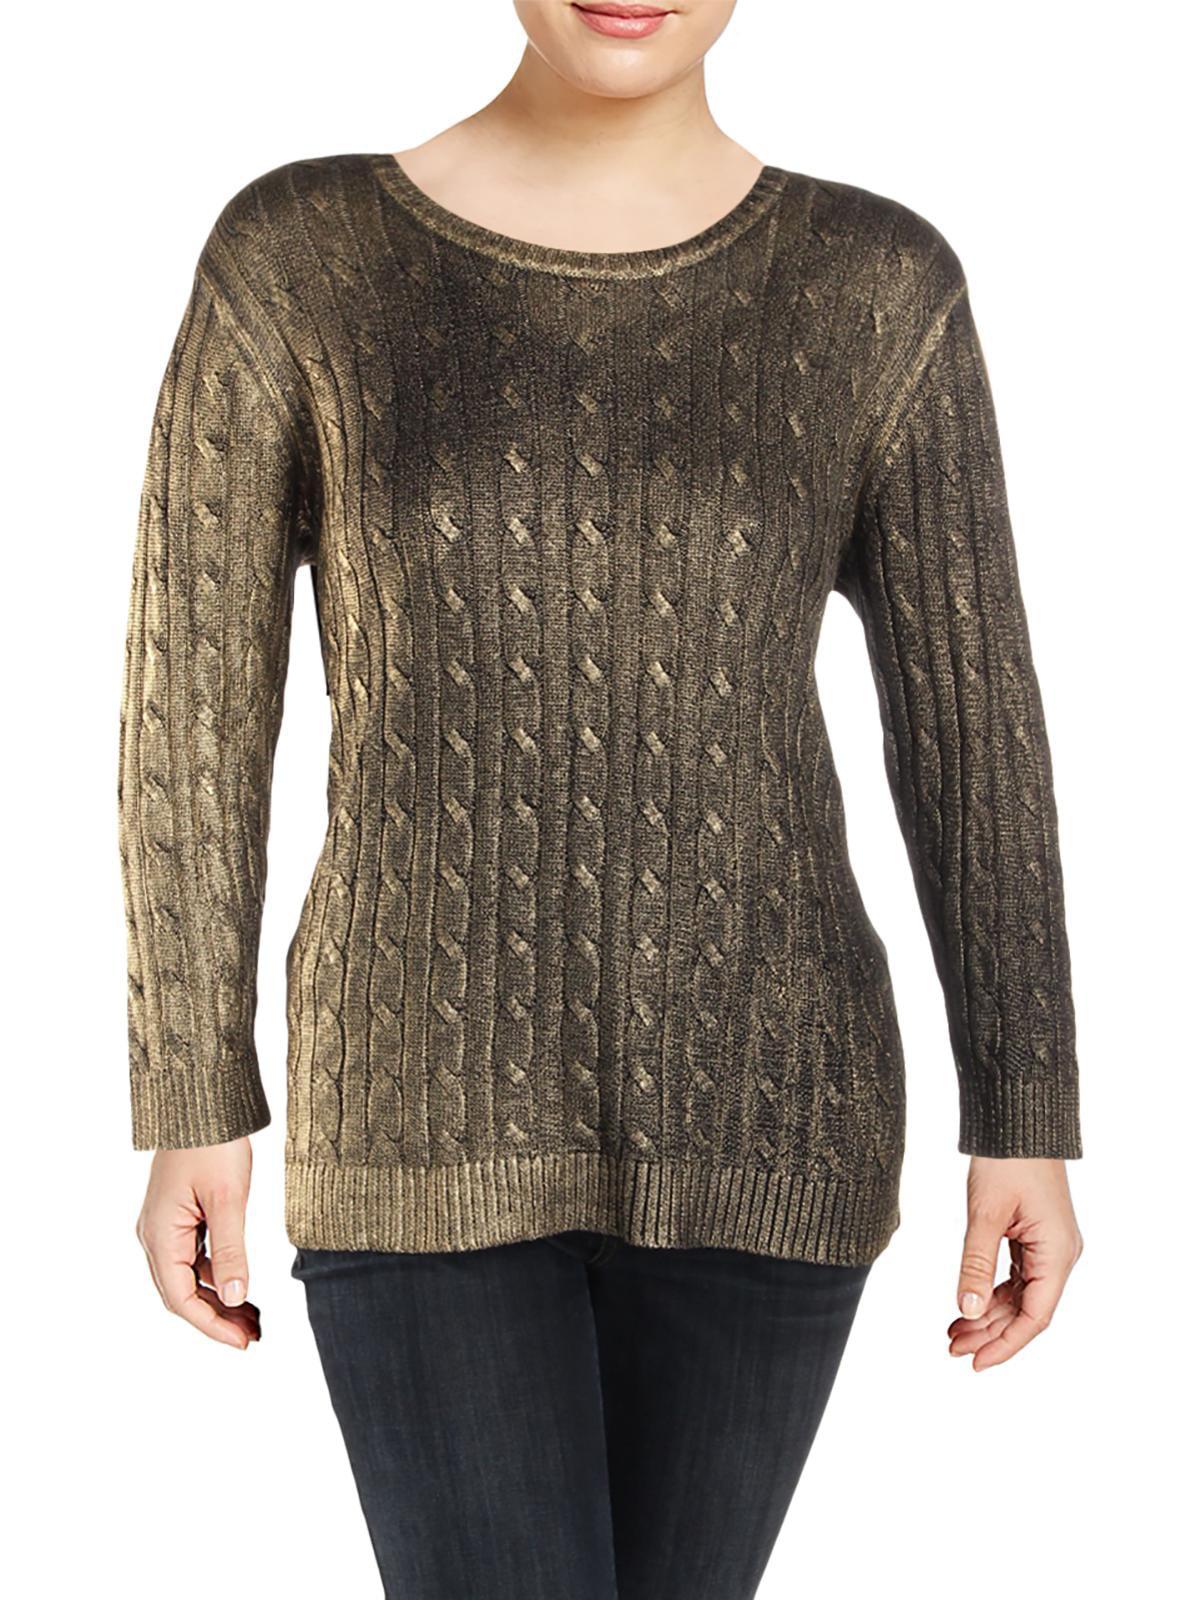 Lauren Ralph Lauren Womens Plus Metallic Cable Knit Pullover Sweater